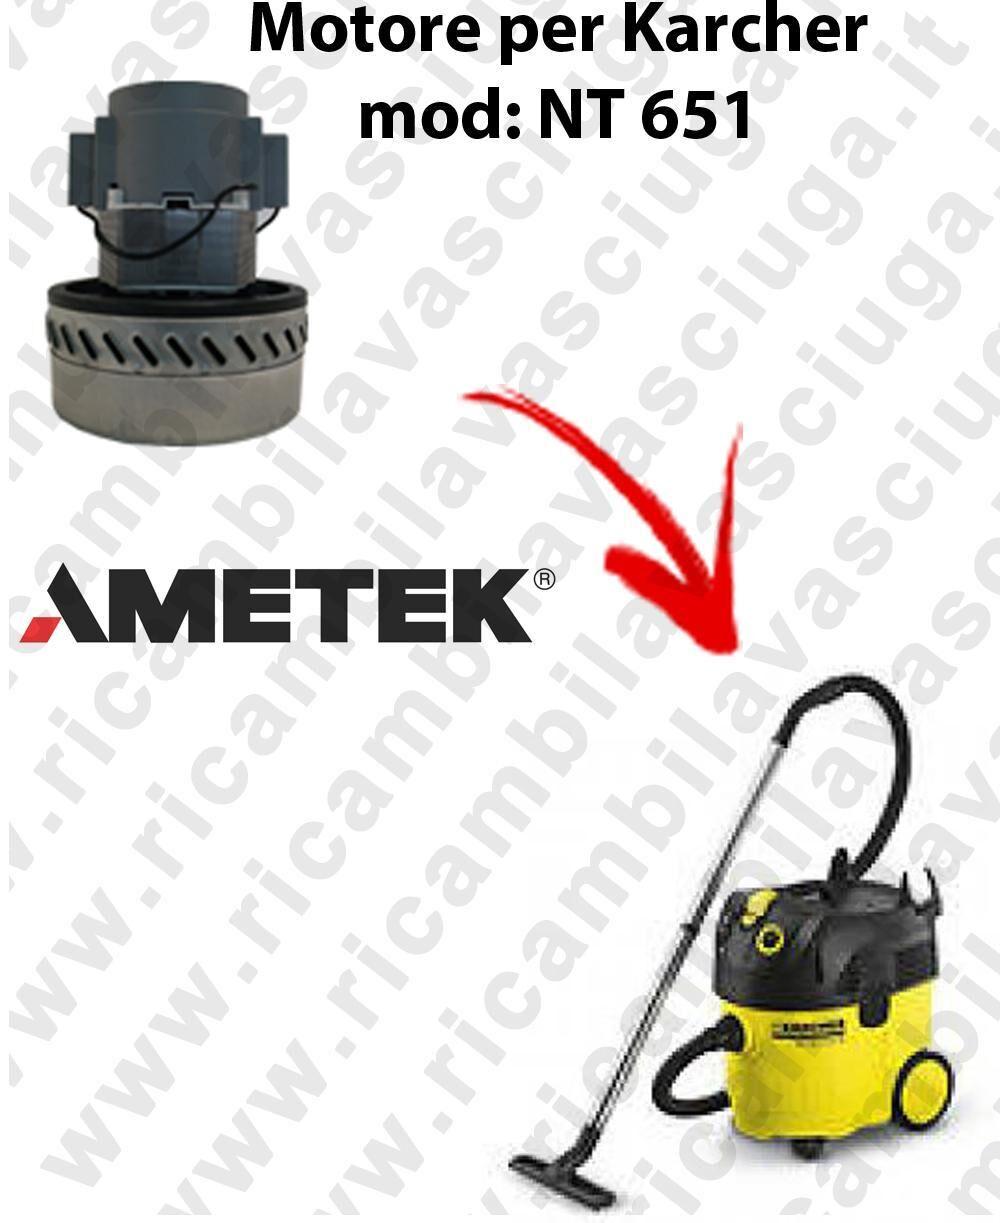 Karcher NT 651 Motore aspirazione AMETEK per aspirapolvere